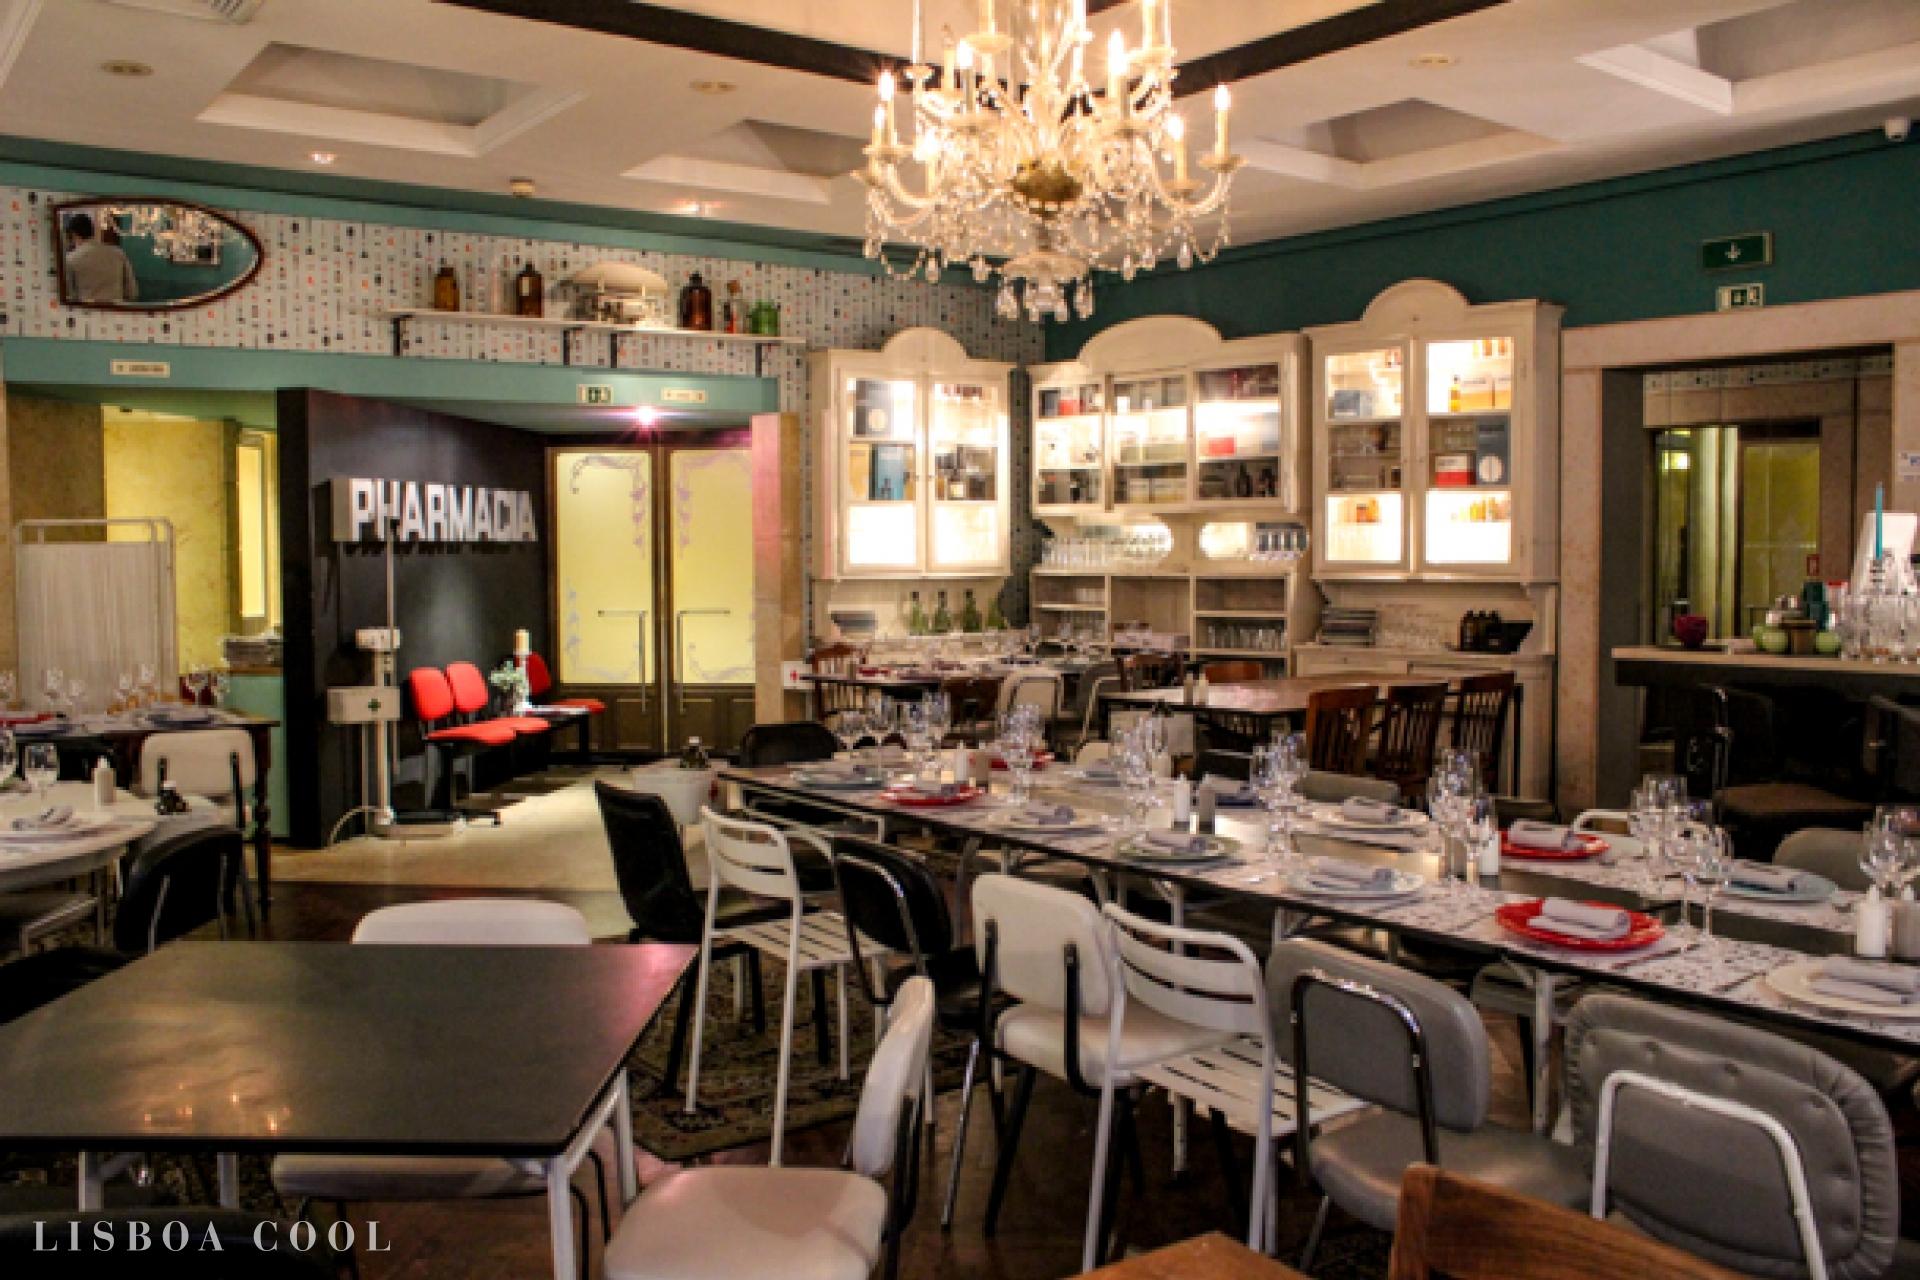 Restaurante pharm cia lisboa cool for Restaurant la cuisine limoges